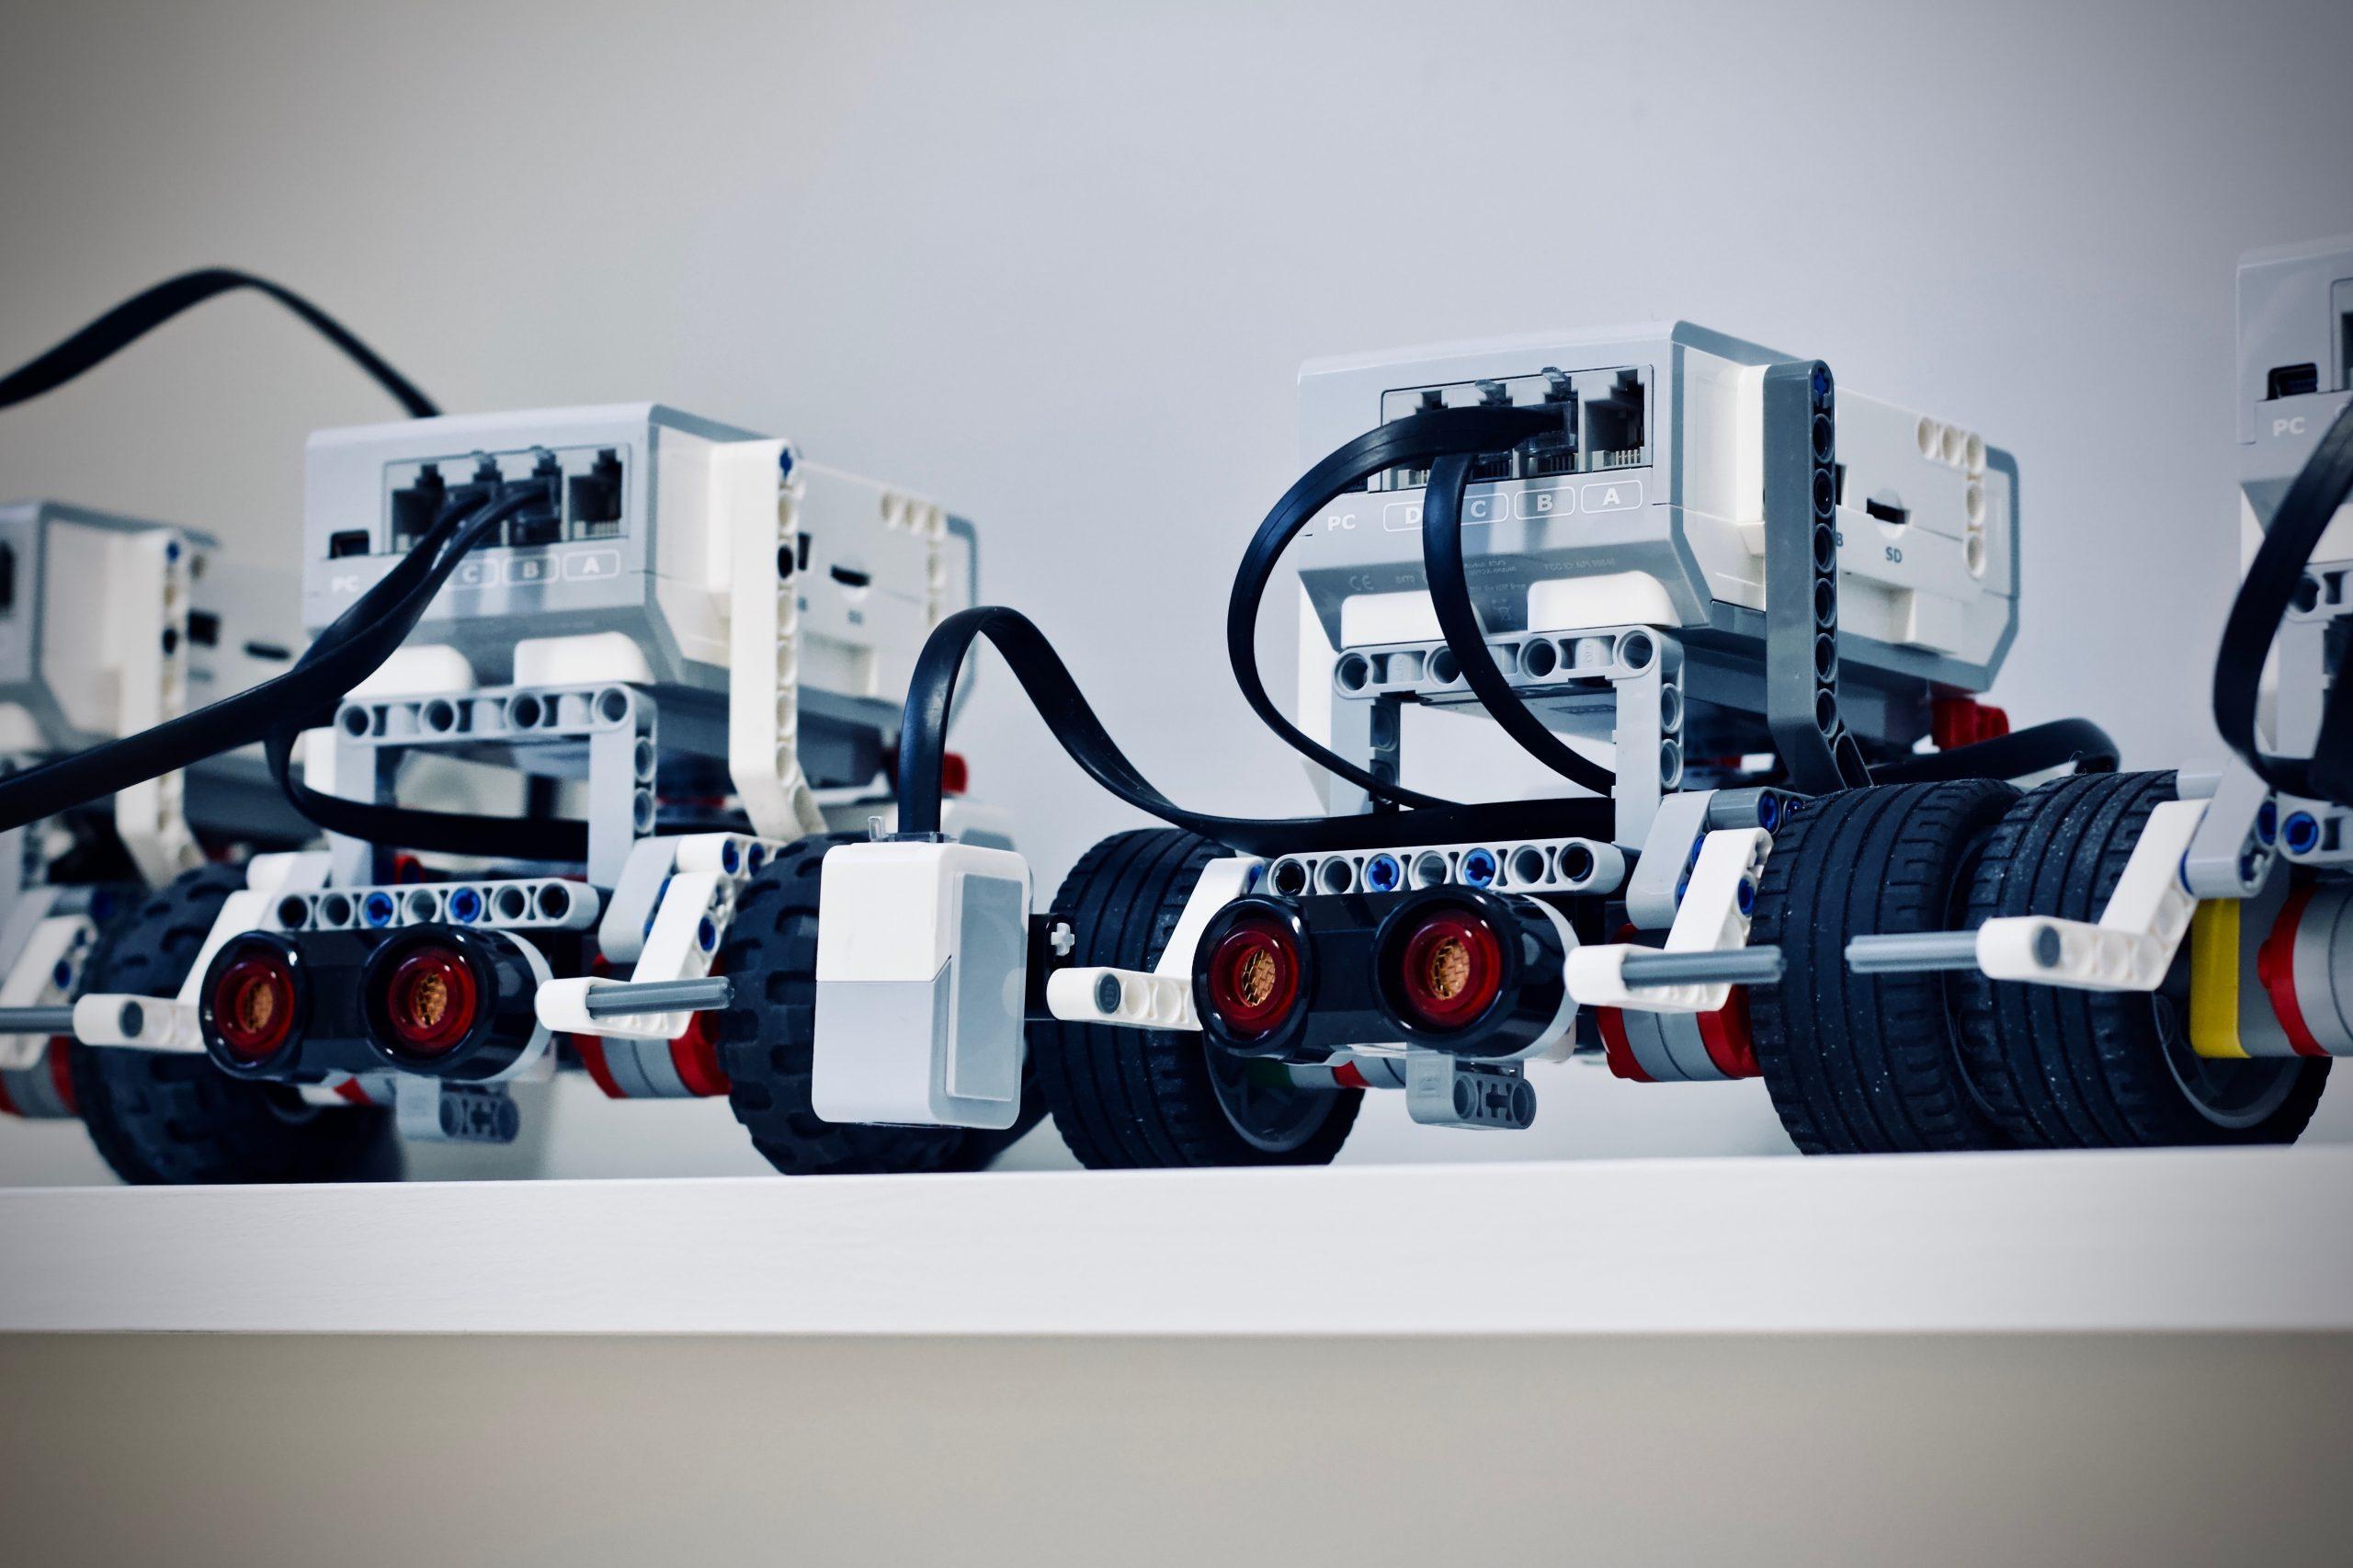 Mengapa belajar Robotika dan Kecerdasan Buatan?